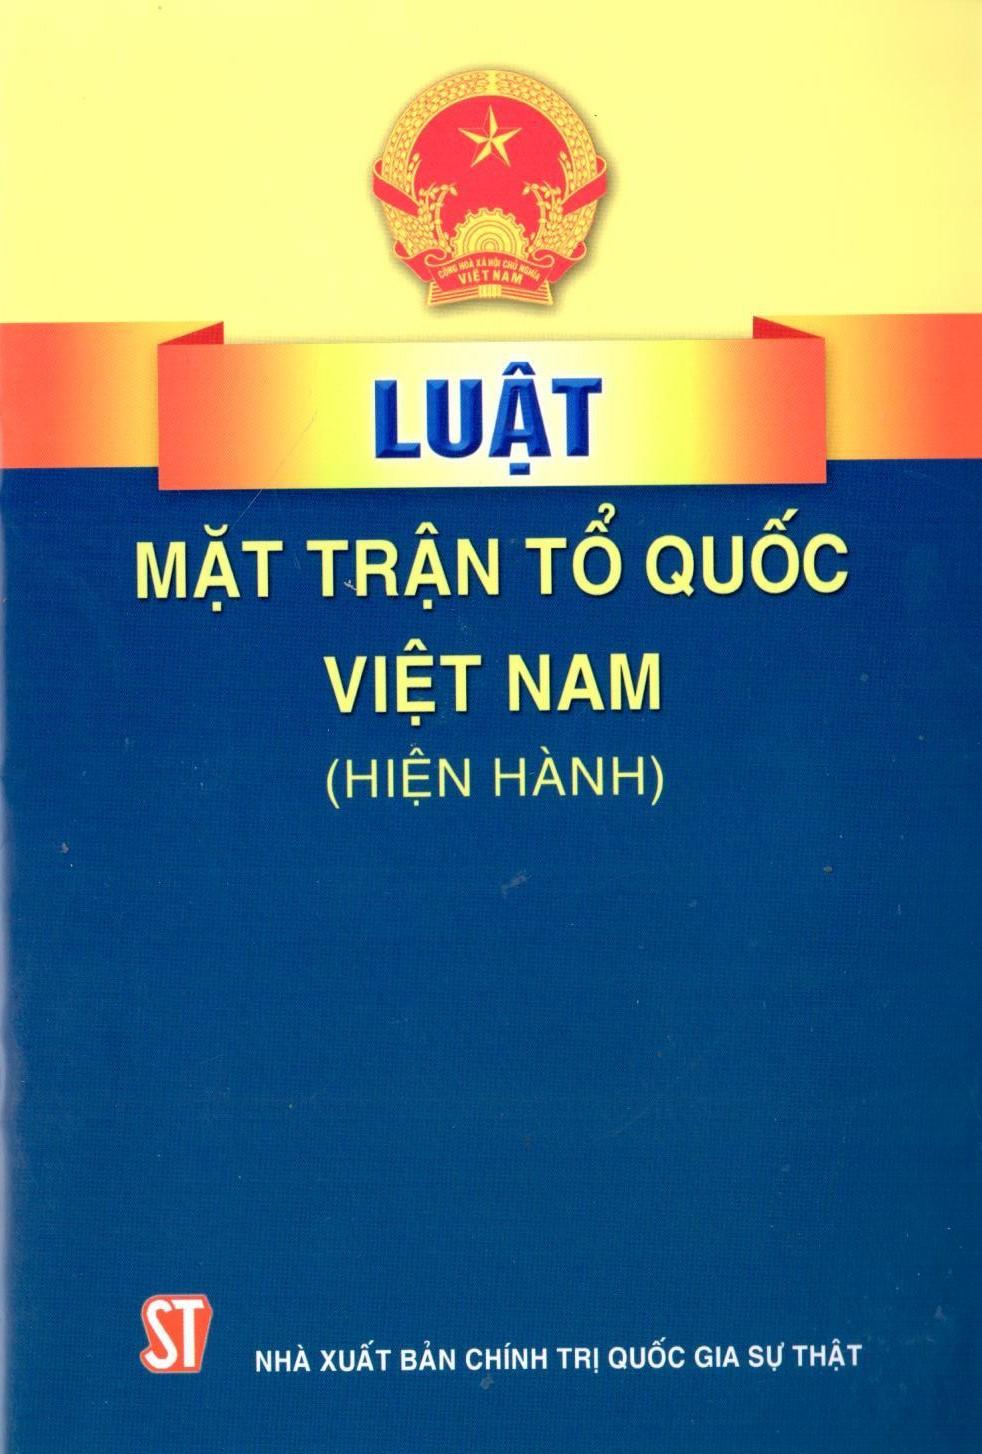 Luật Mặt trận Tổ quốc Việt Nam (hiện hành)